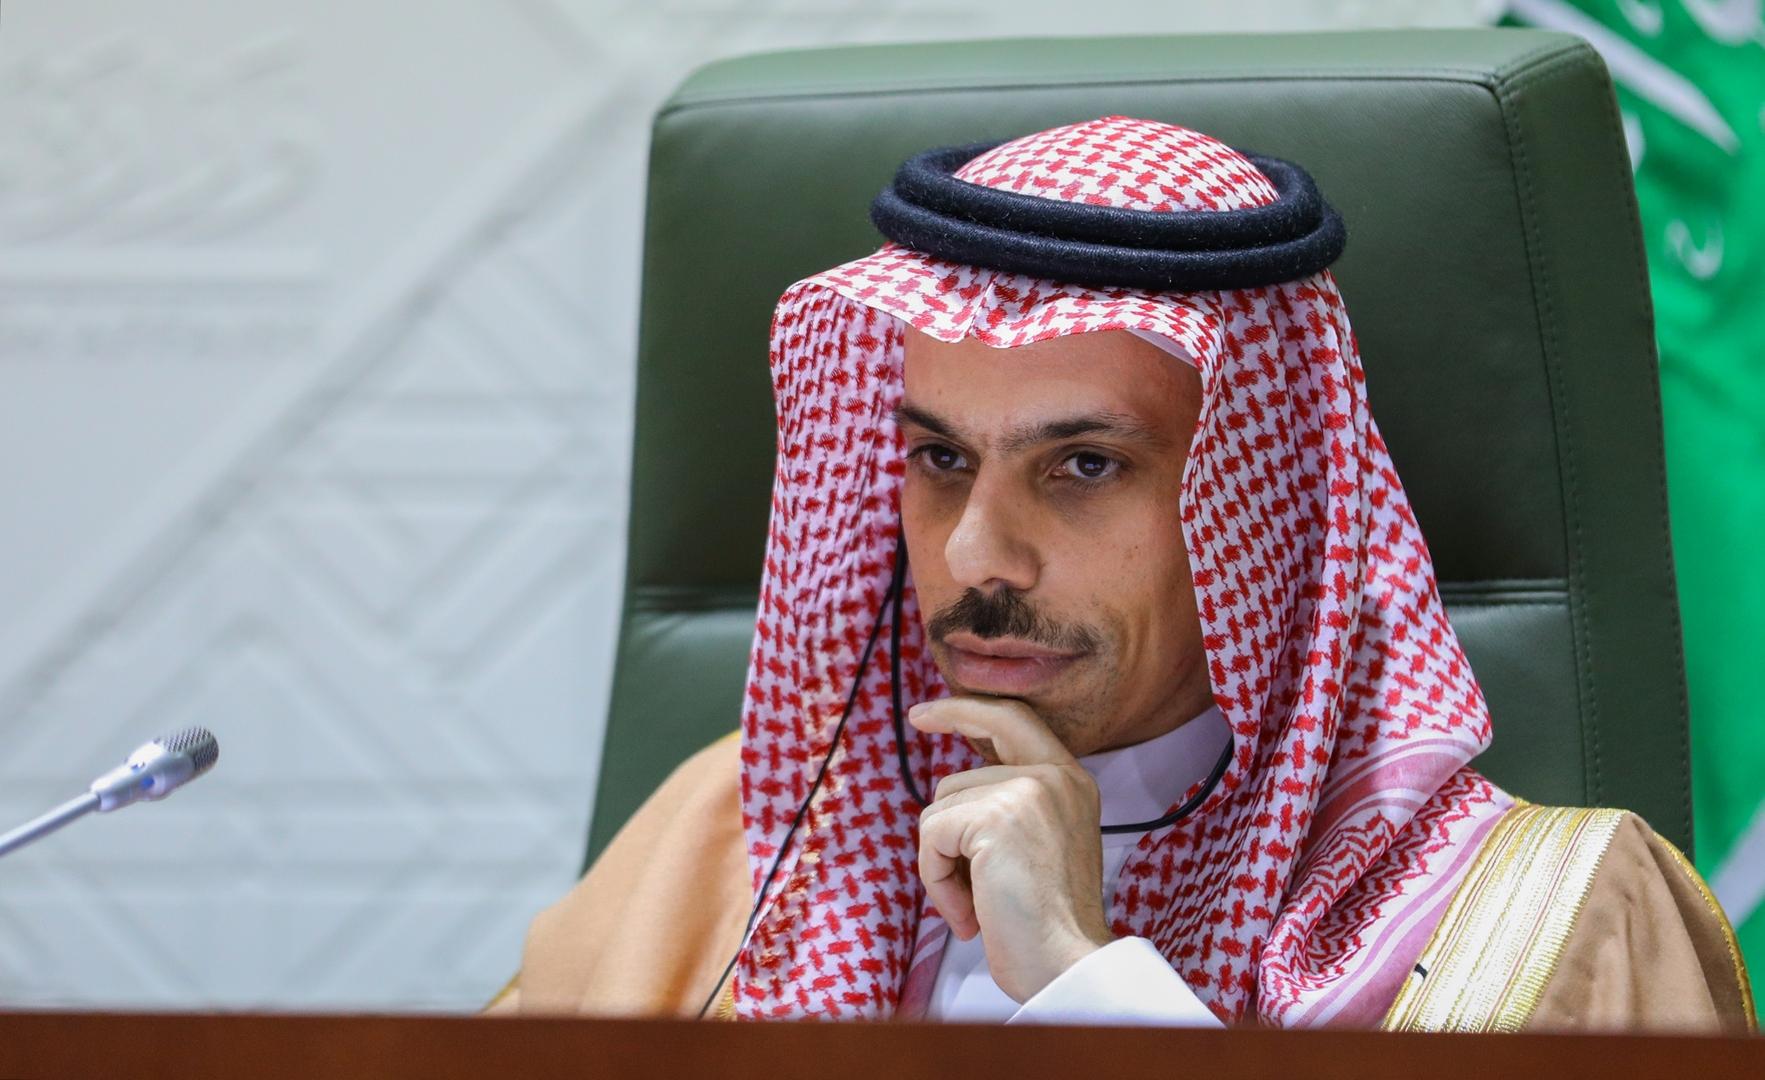 السعودية: قصف رأس تنورة هجوم على الاقتصاد العالمي ويجب استئناف حظر التسليح ضد إيران